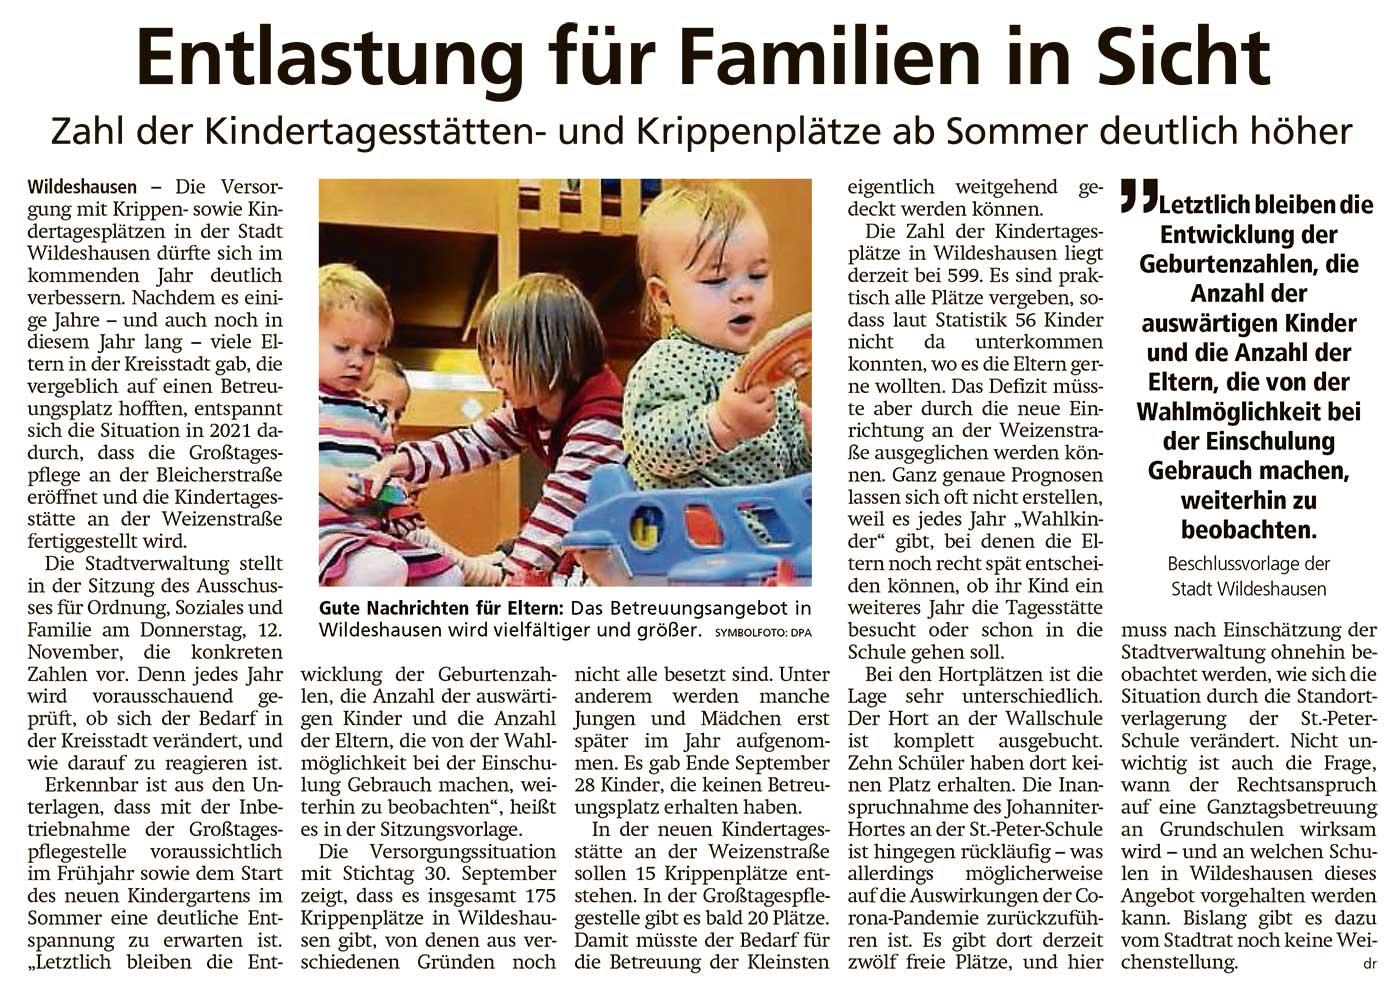 Entlastung für Familien in SichtZahl der Kindertagesstätten- und Krippenplätze ab Sommer deutlich höherArtikel vom 07.11.2020 (WZ)